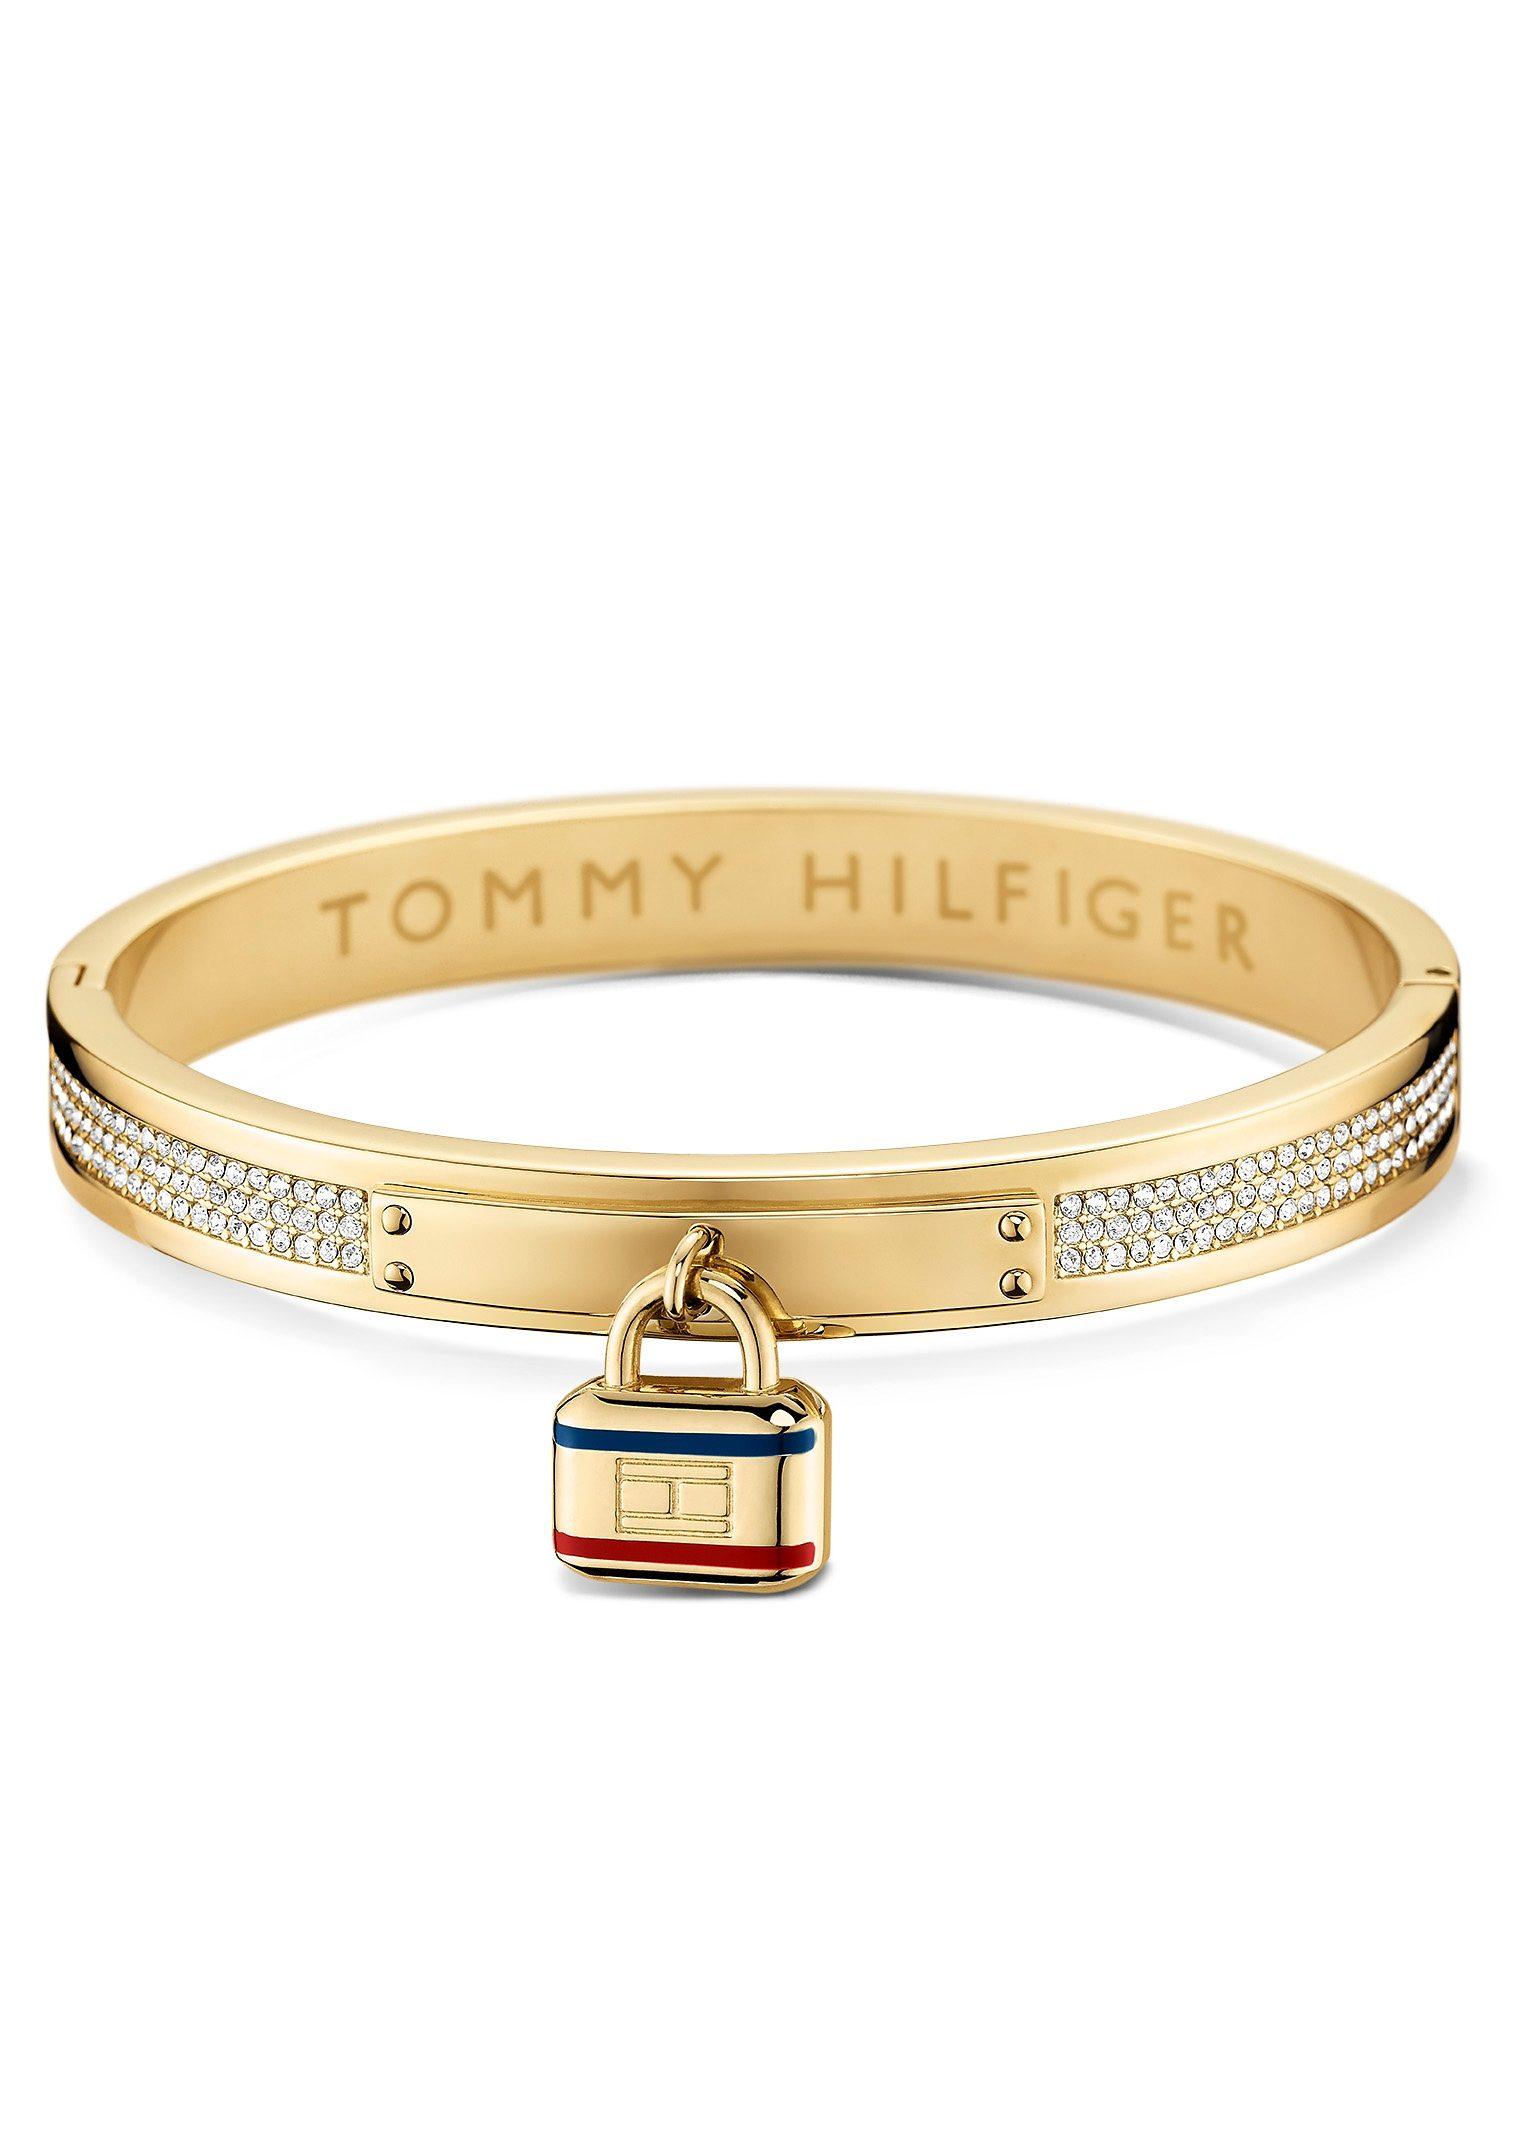 Tommy Hilfiger Armreif mit Schloss, »Classic Signature, 2700710«